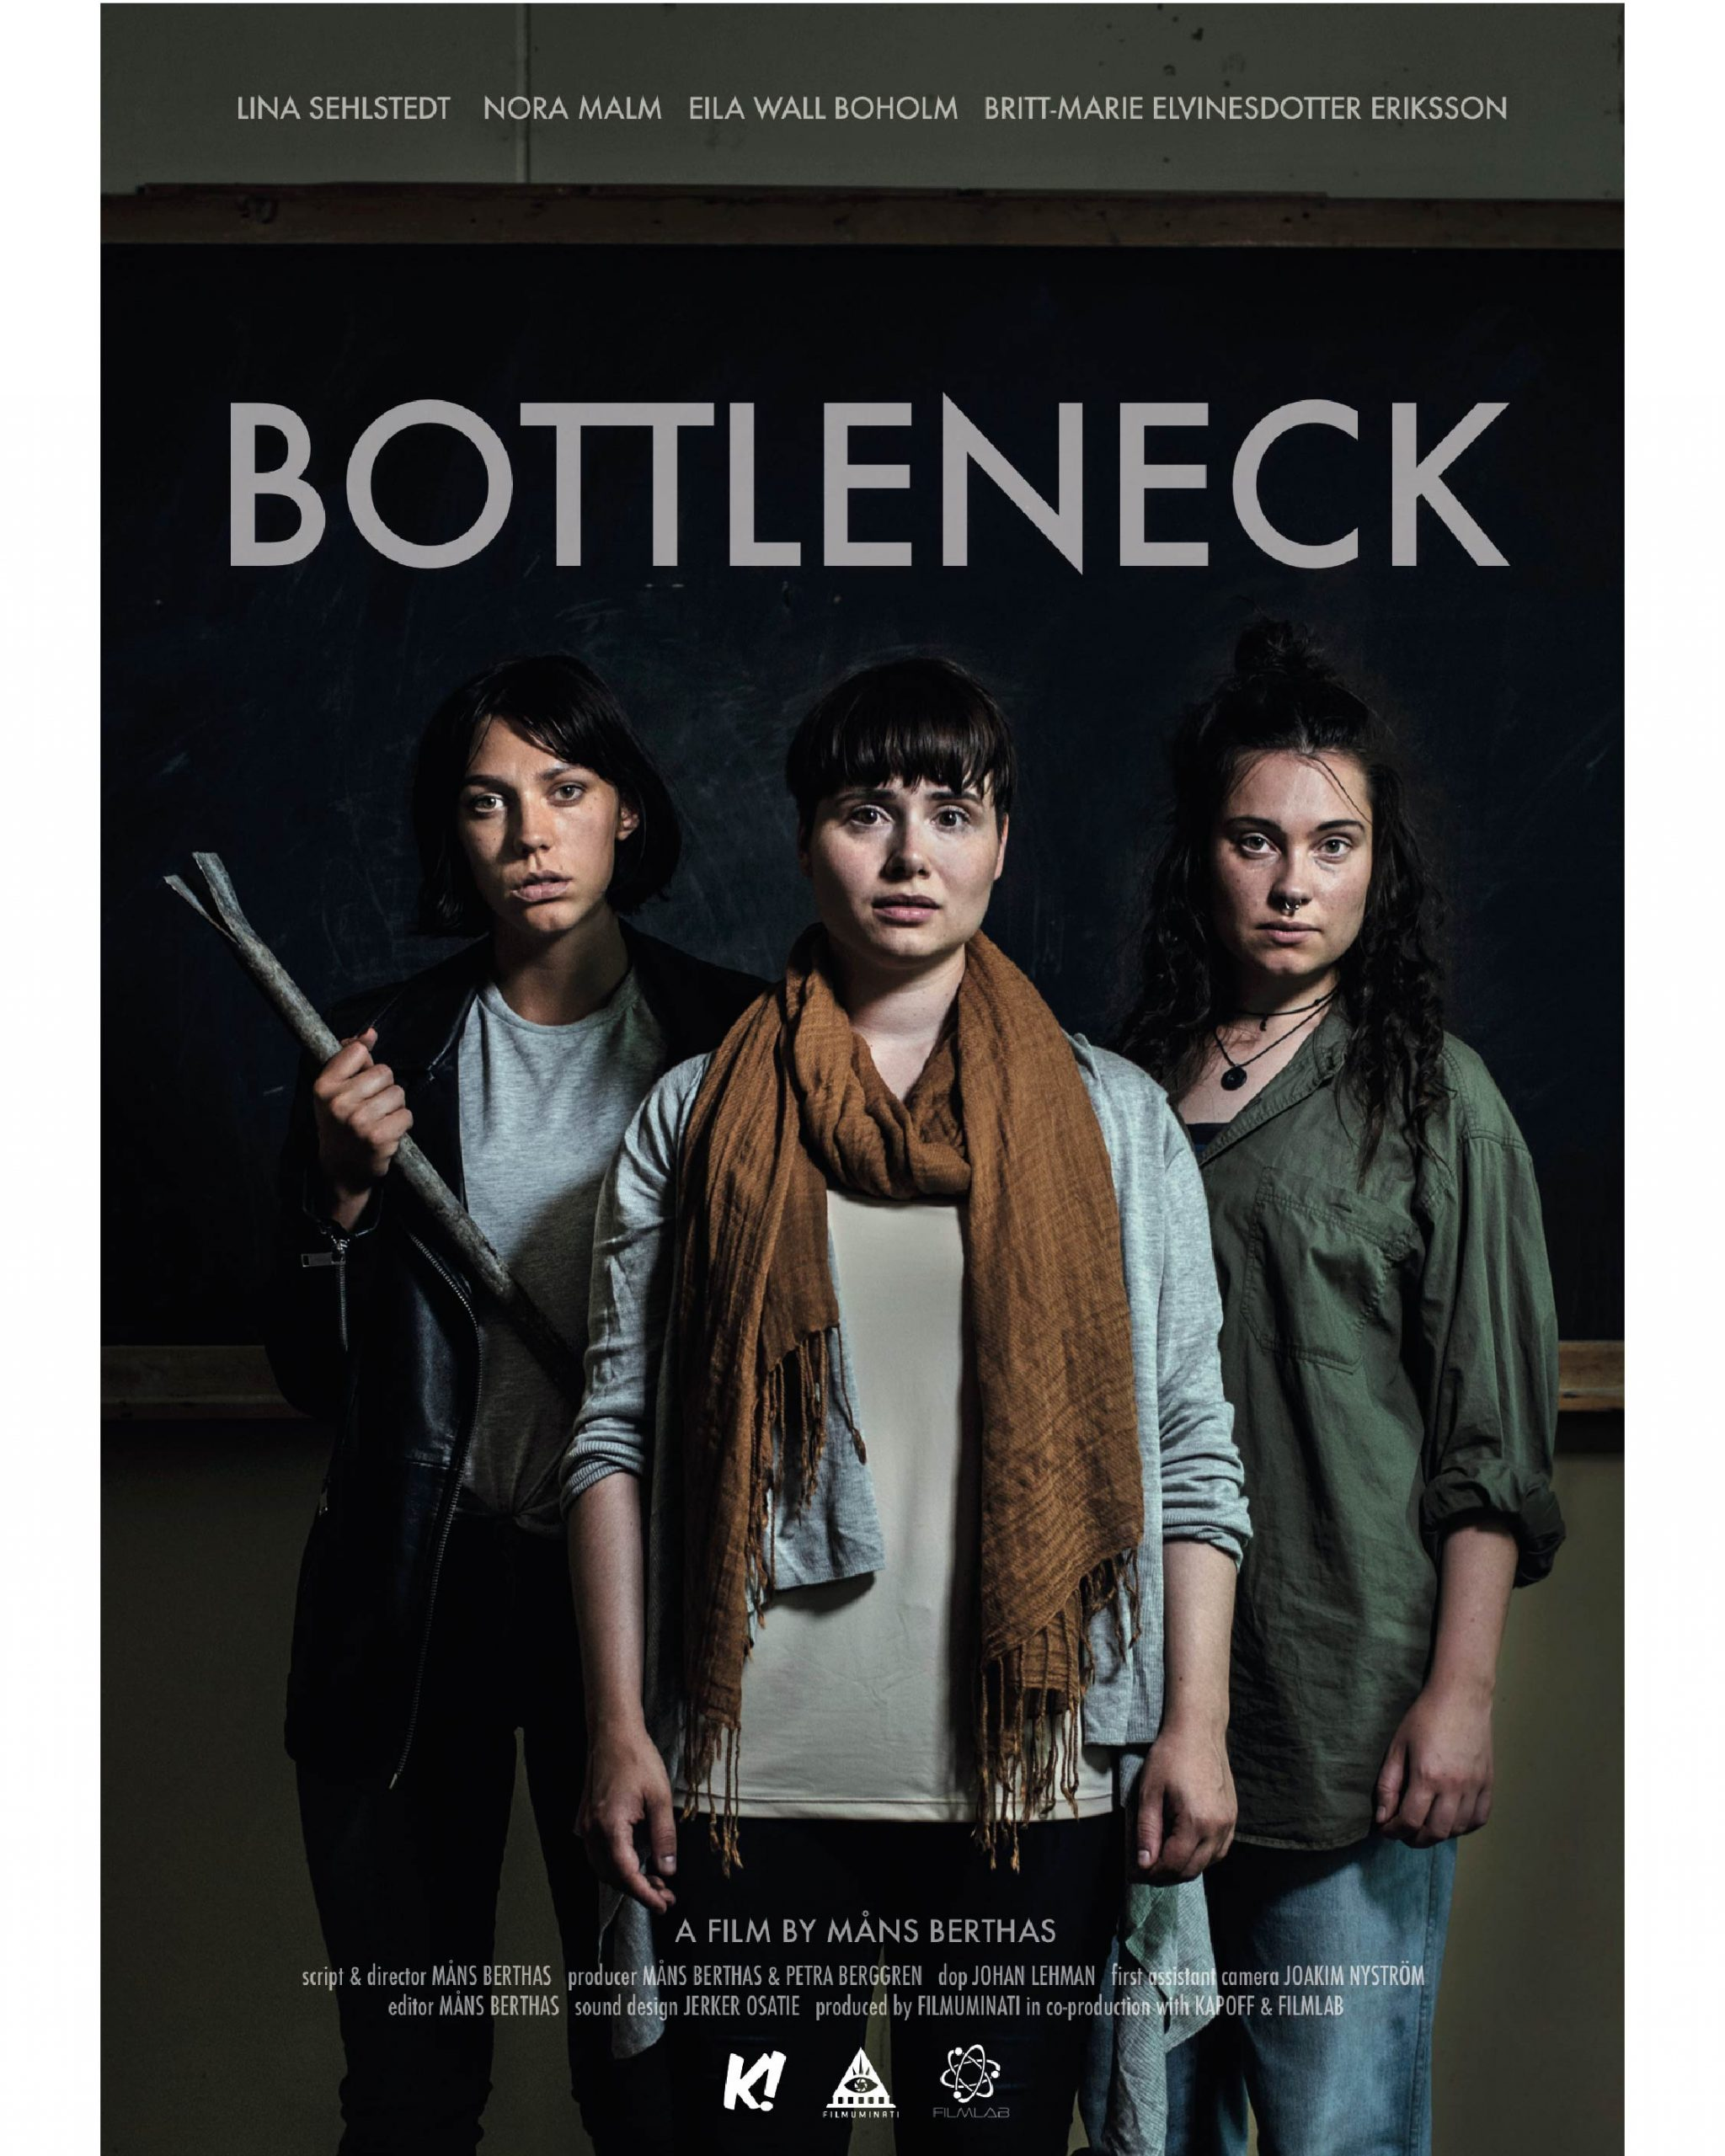 hexagon film festival bottleneck